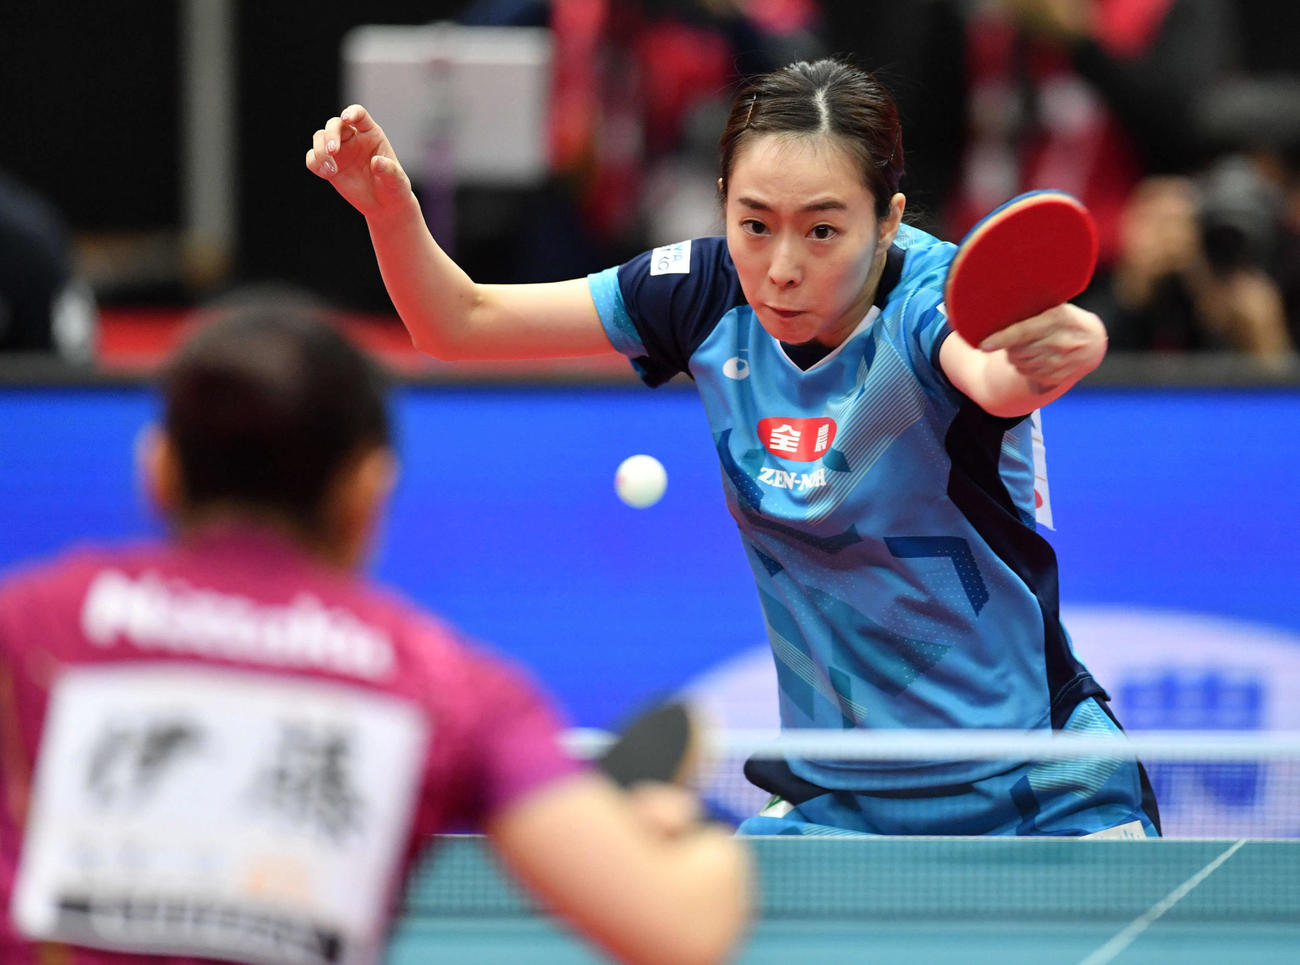 全日本卓球選手権女子シングルス決勝 ラリーを返す石川佳純、左は伊藤美誠(撮影・岩下翔太)